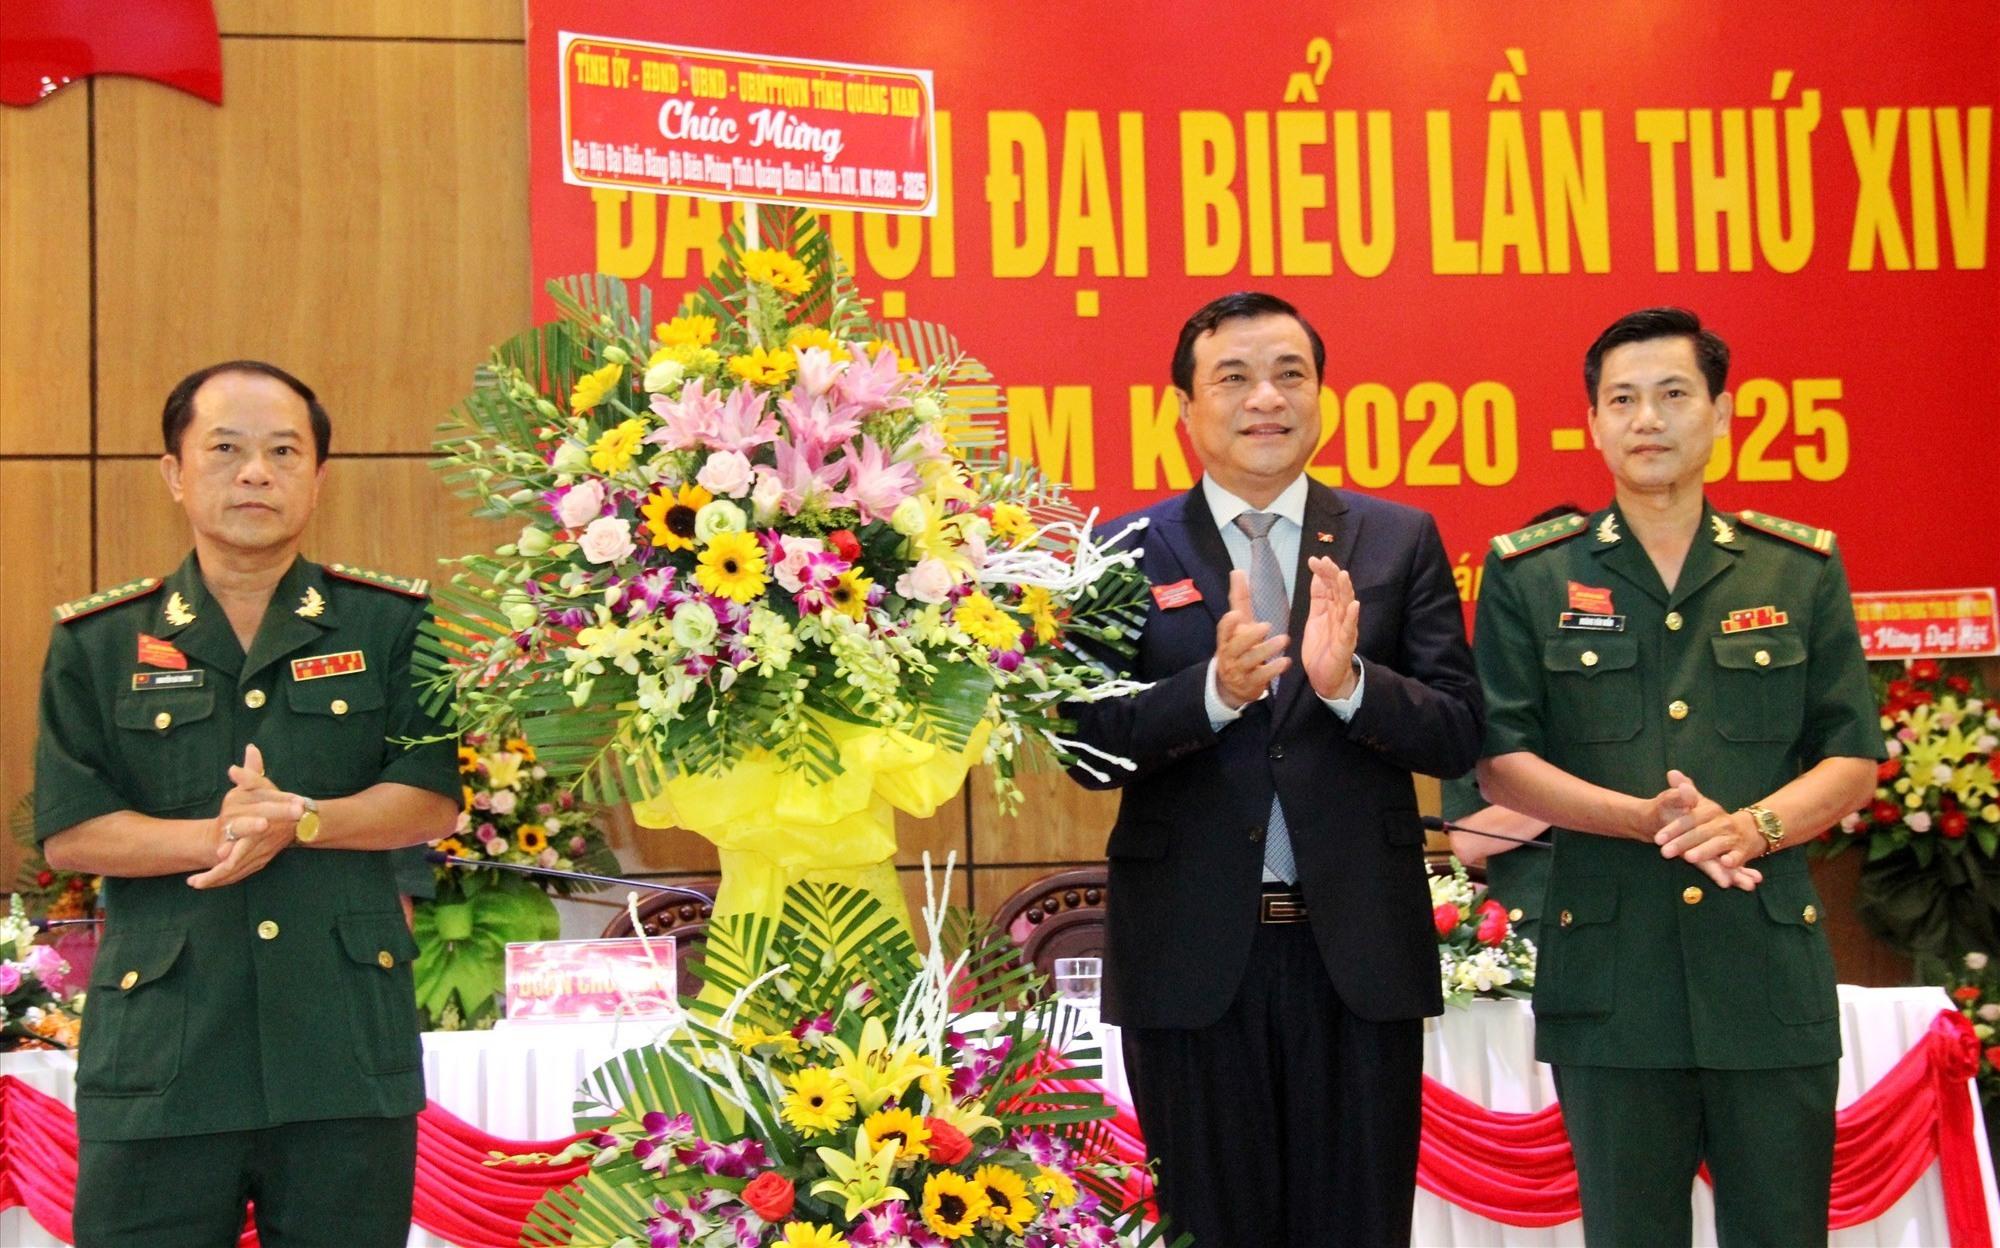 Bí thư Tỉnh ủy Phan Việt Cường tặng hoa chúc mừng đại hội. Ảnh: A.N